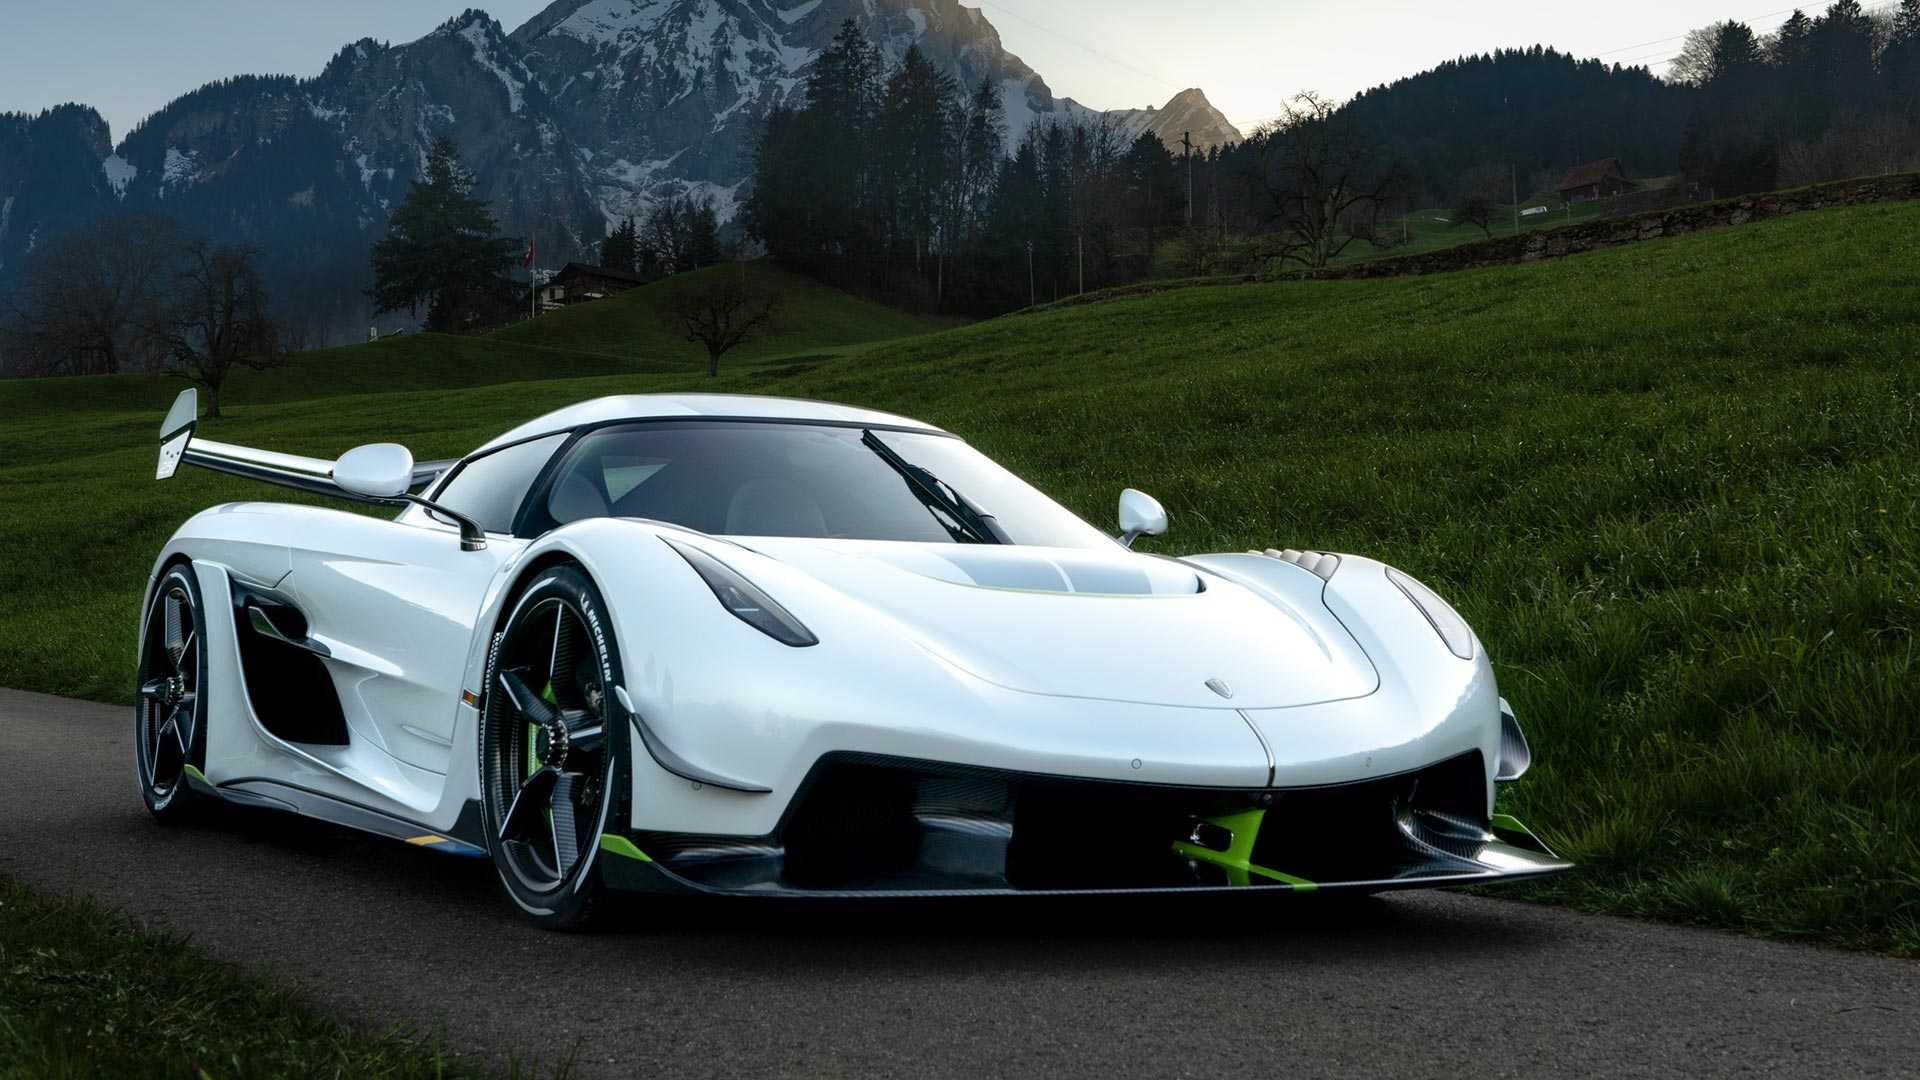 Какви тајни крие идниот најбрз автомобил во светот? / ВИДЕО